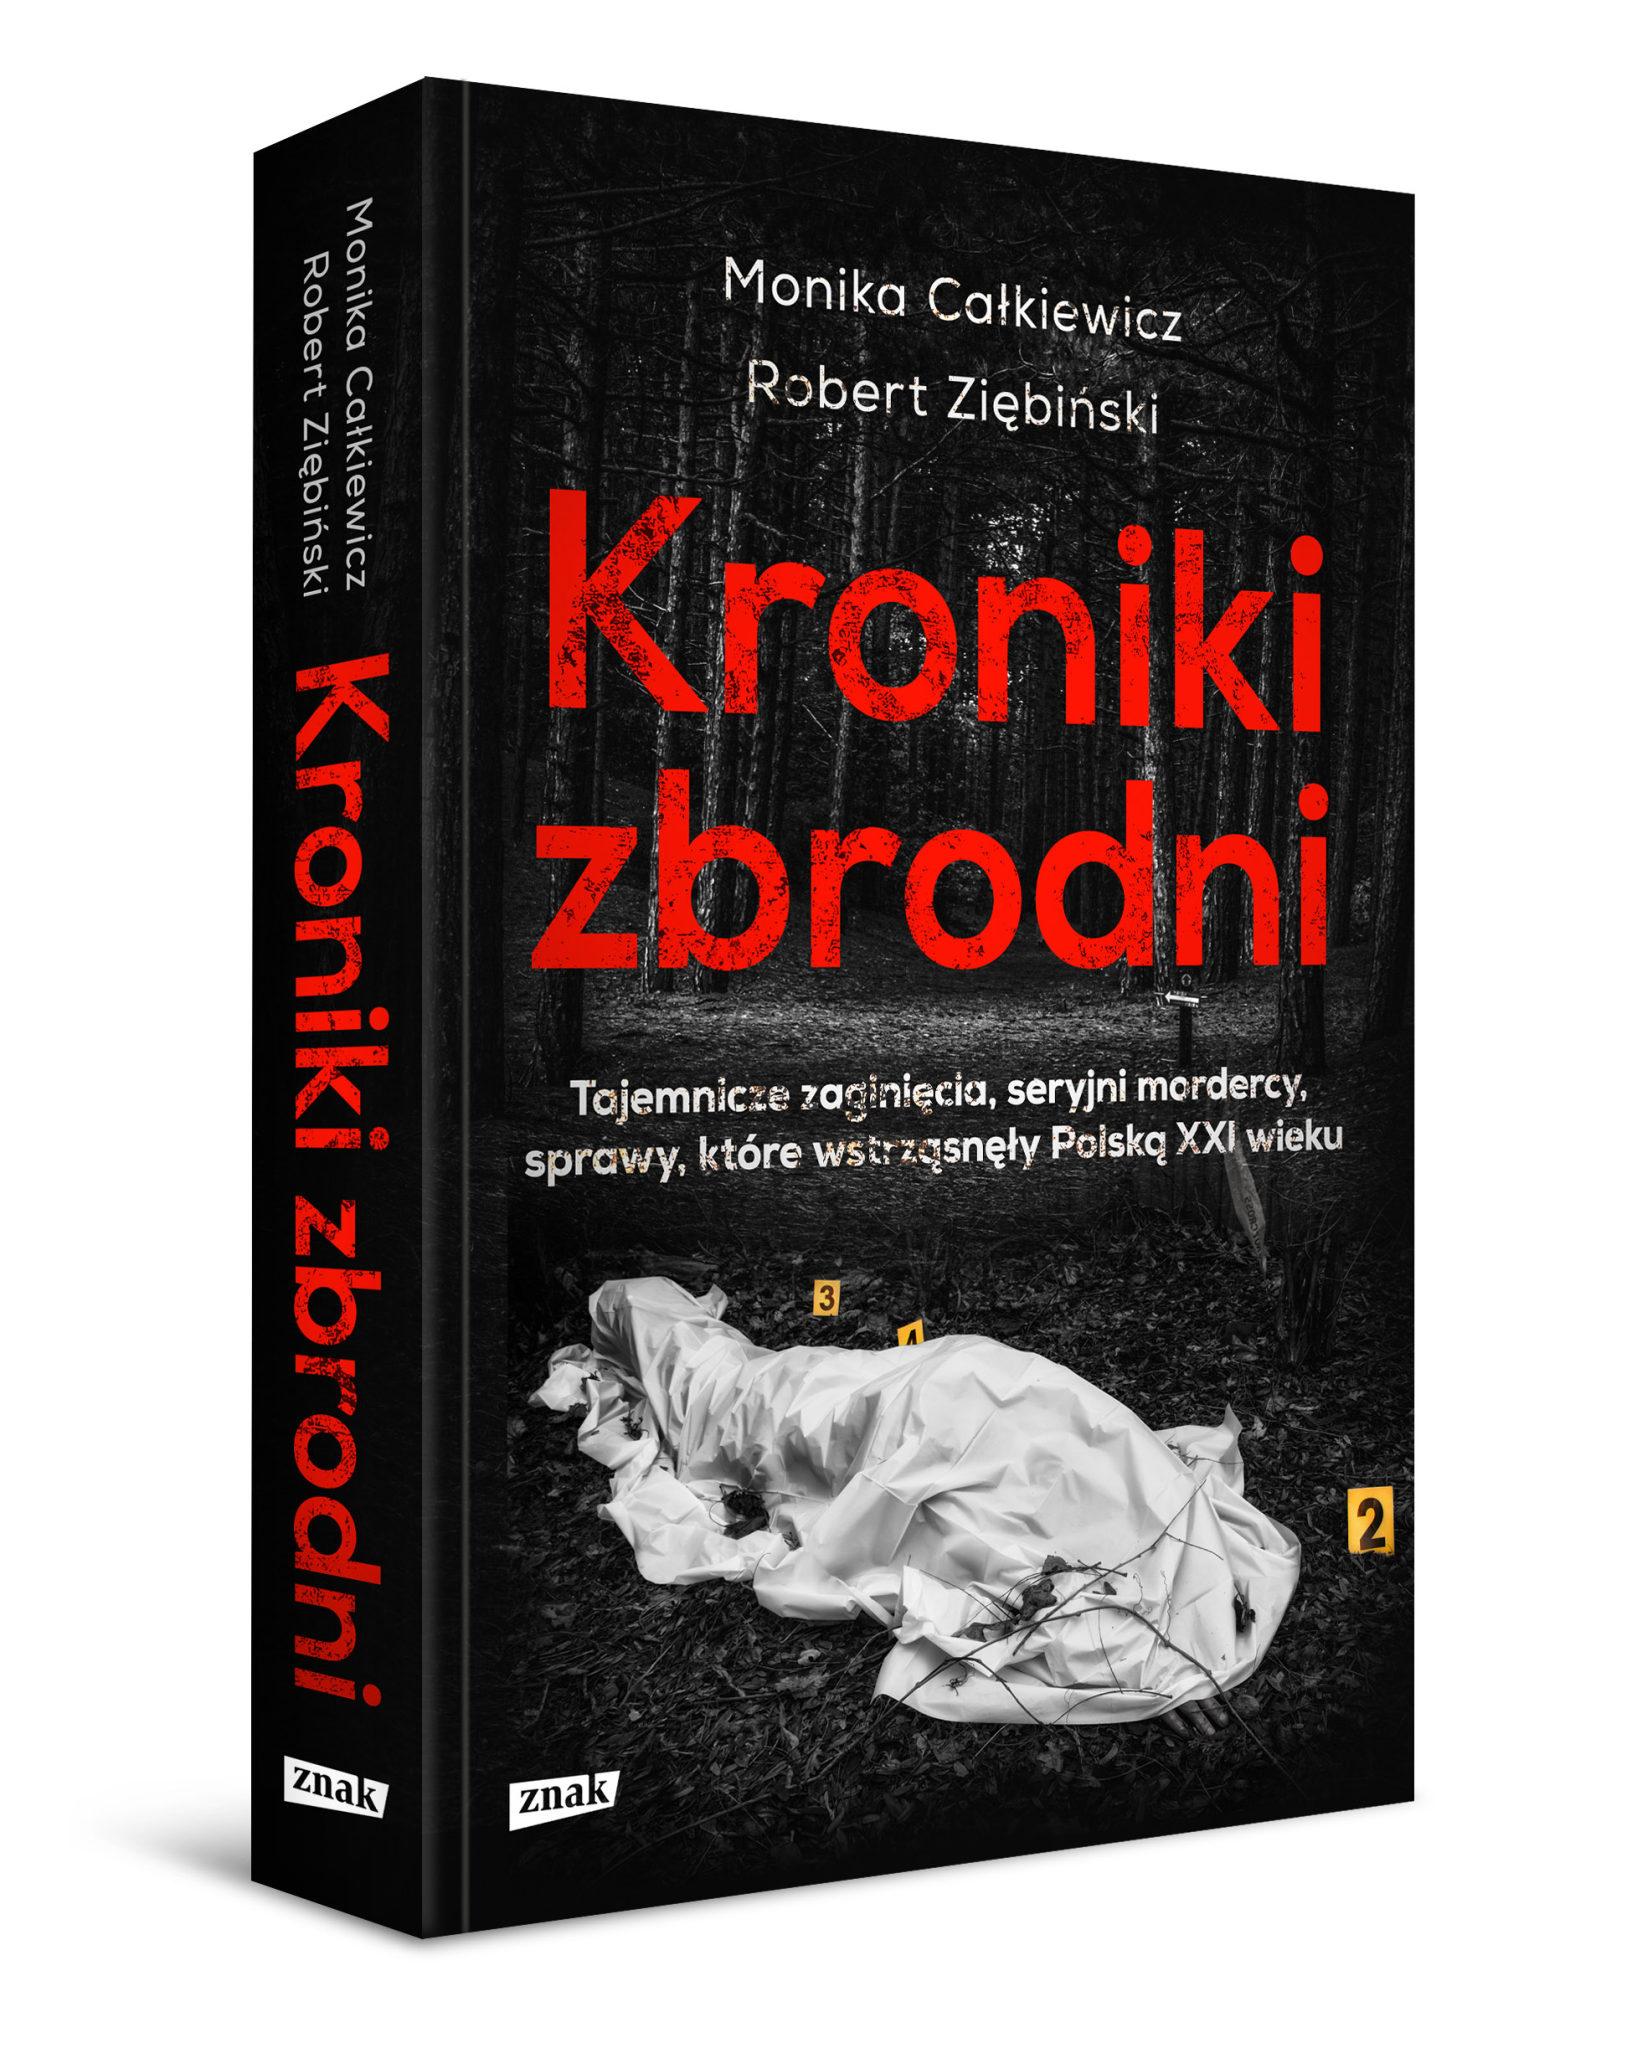 Calkiewicz_Ziebinski_Kroniki-zbrodni_popr2_3Dgrzb